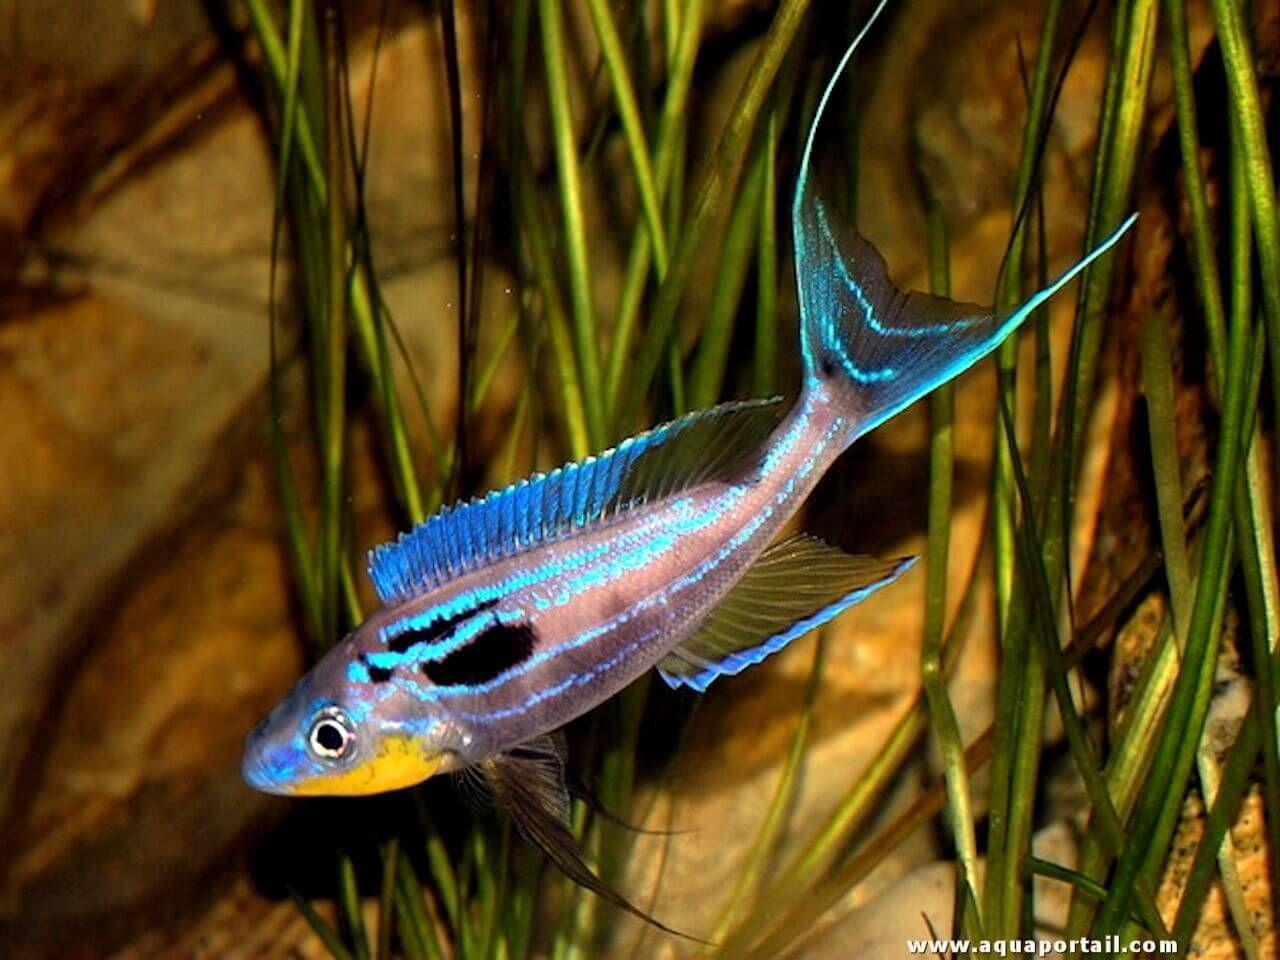 Freshwater aquarium fish maintenance - Benthochromis Tricoti Levage Maintenance Reproduction Le Cichlid Benthochromis Tricoti Est End Mique Du